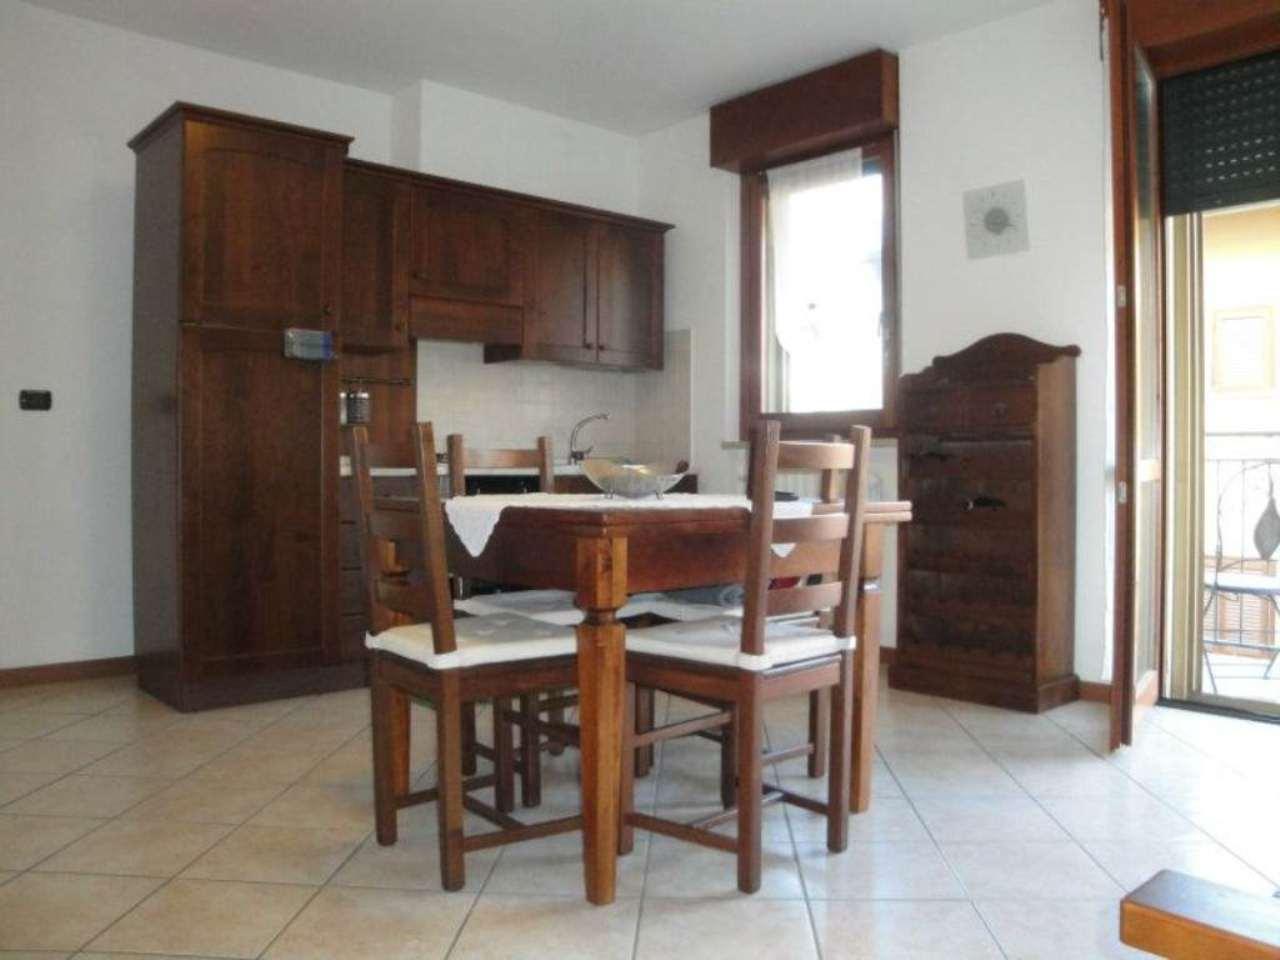 Appartamento in vendita a Treviglio, 3 locali, prezzo € 133.000 | Cambio Casa.it